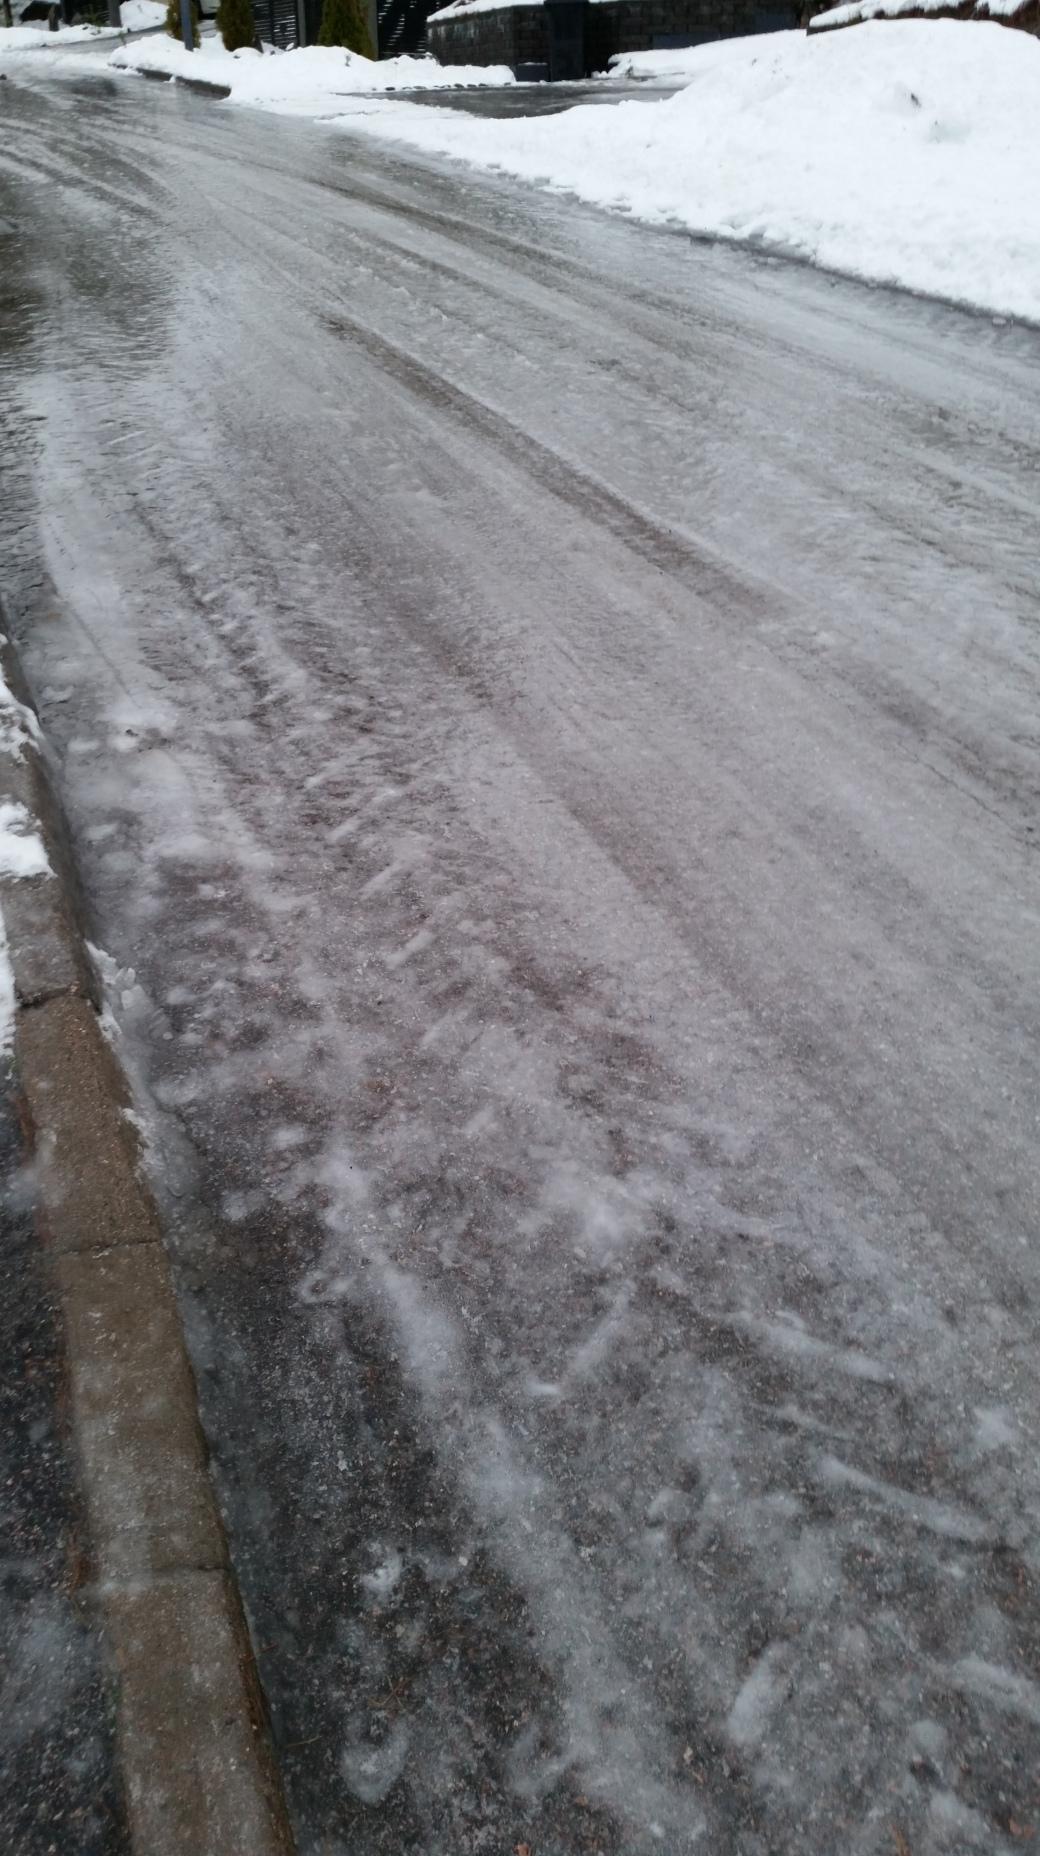 Ice on the street 3